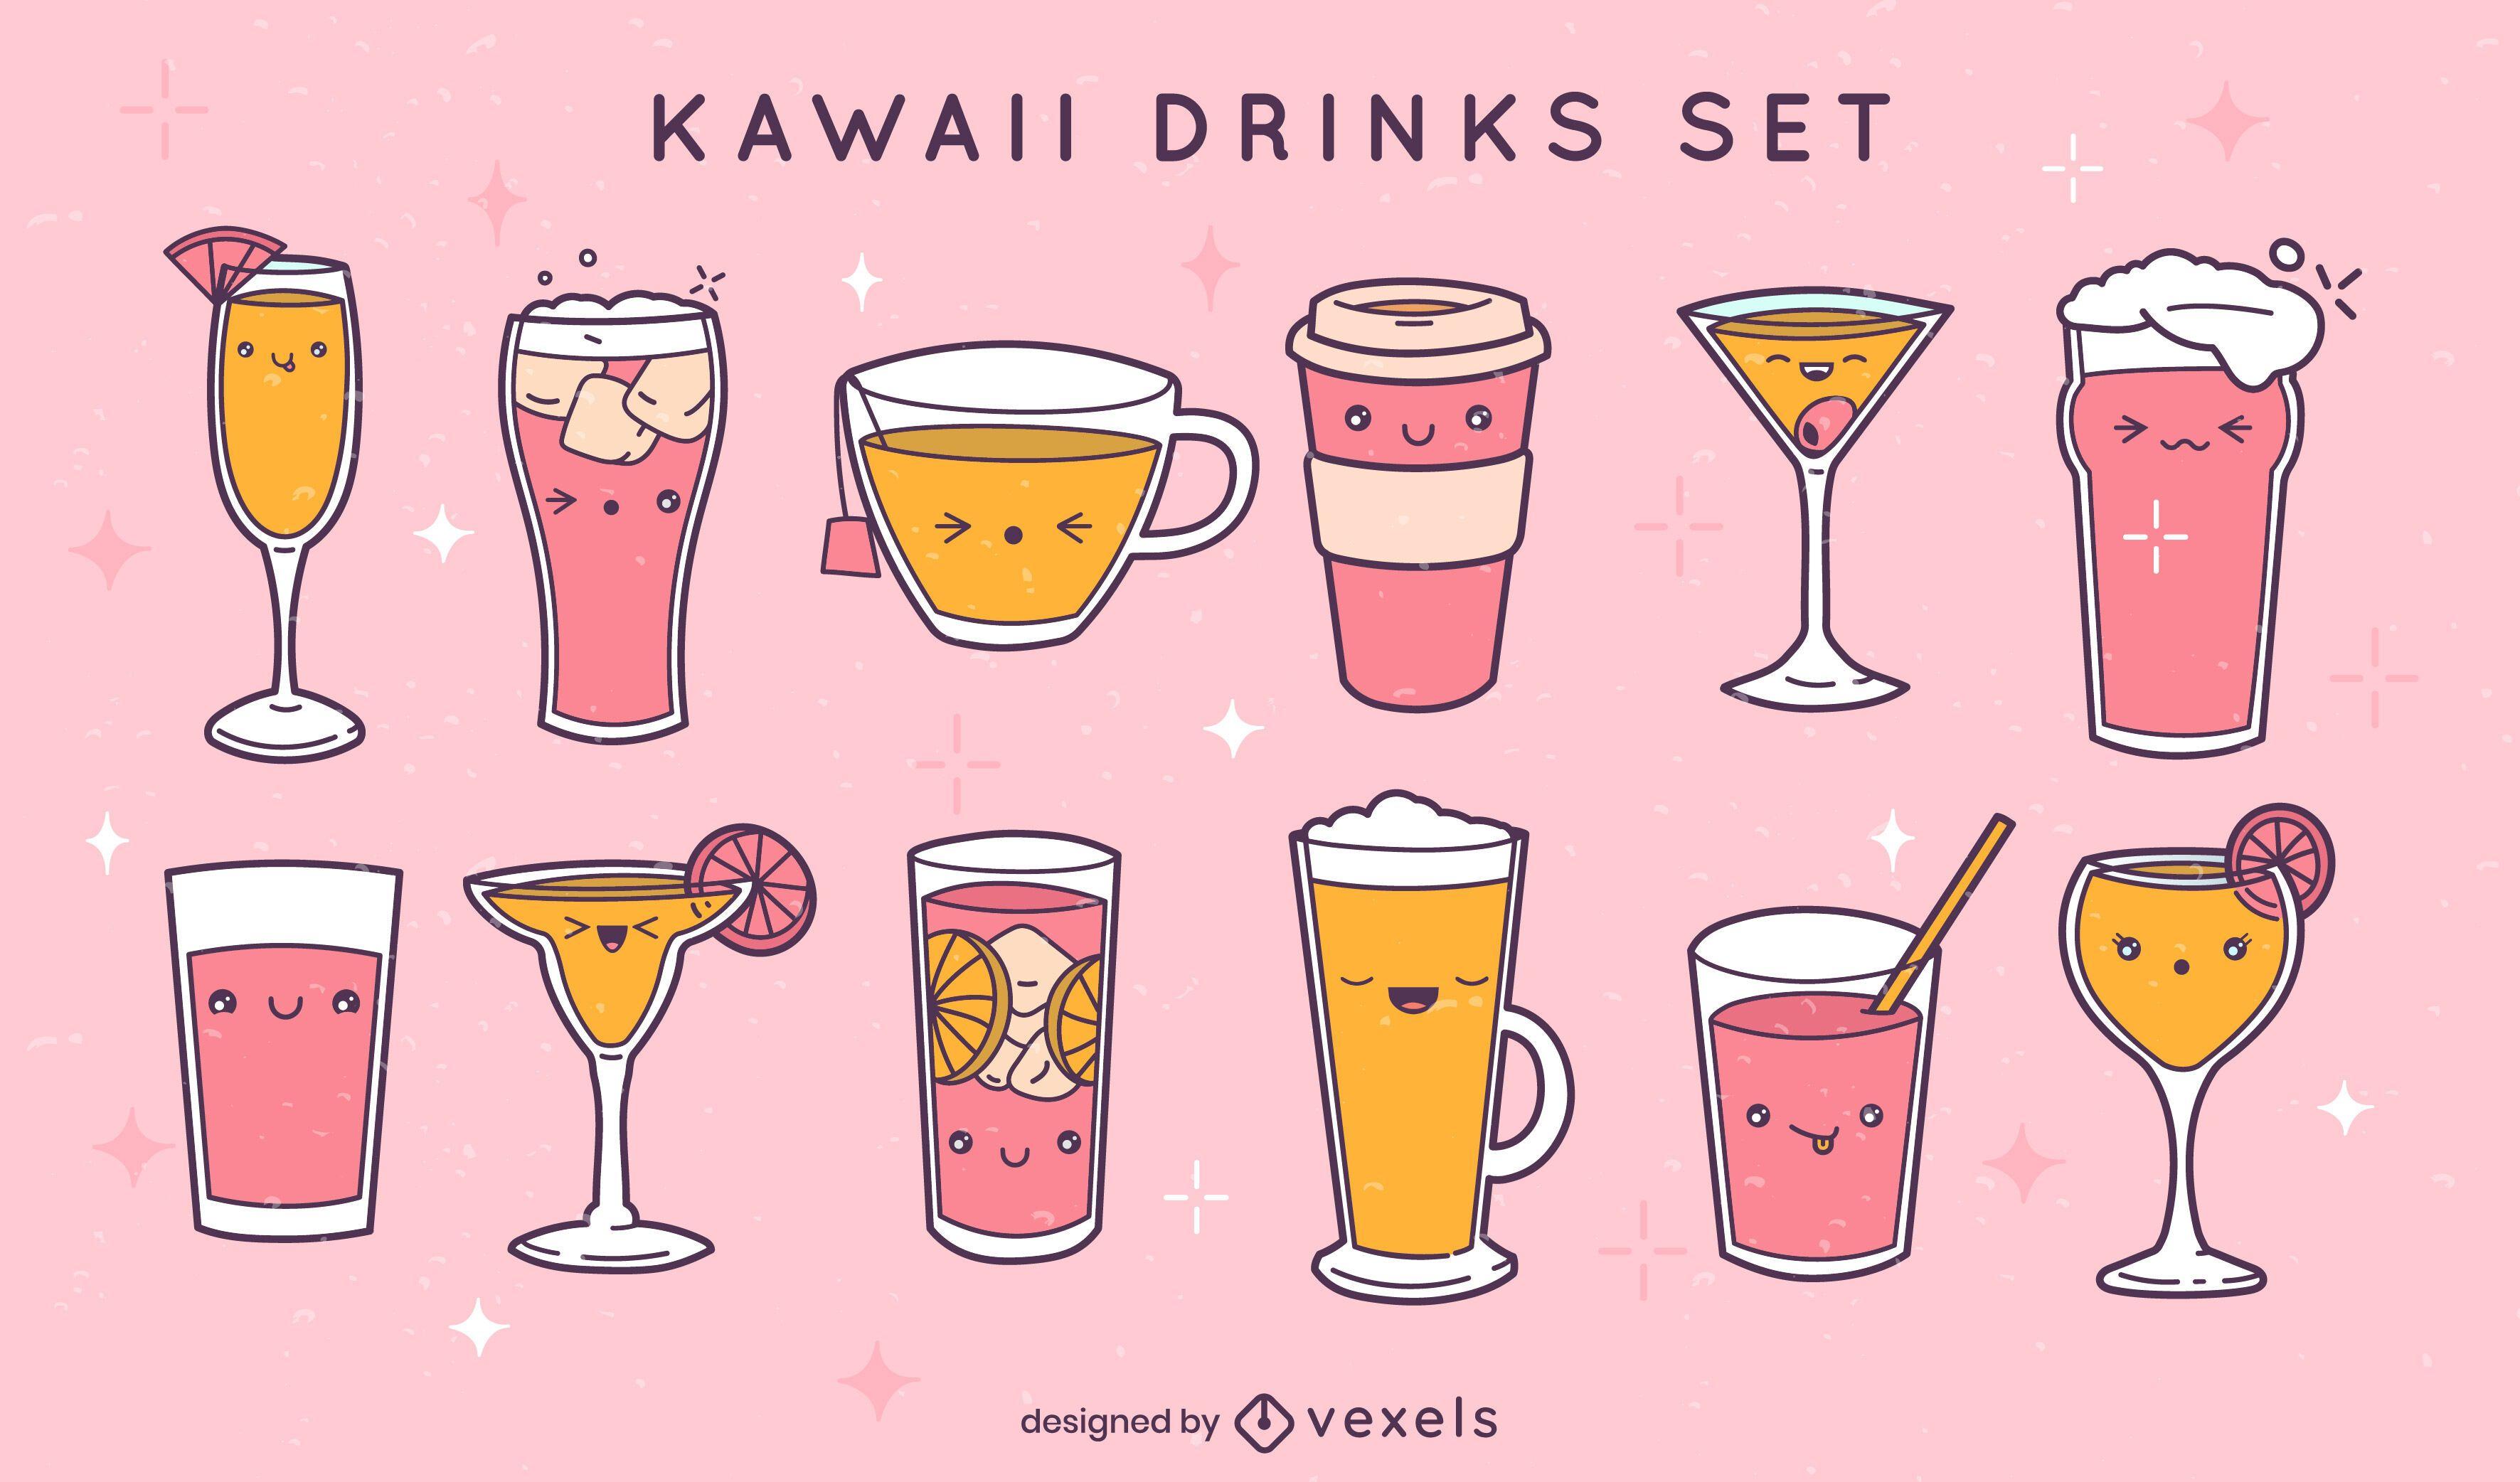 Set de vasos y bebidas kawaii